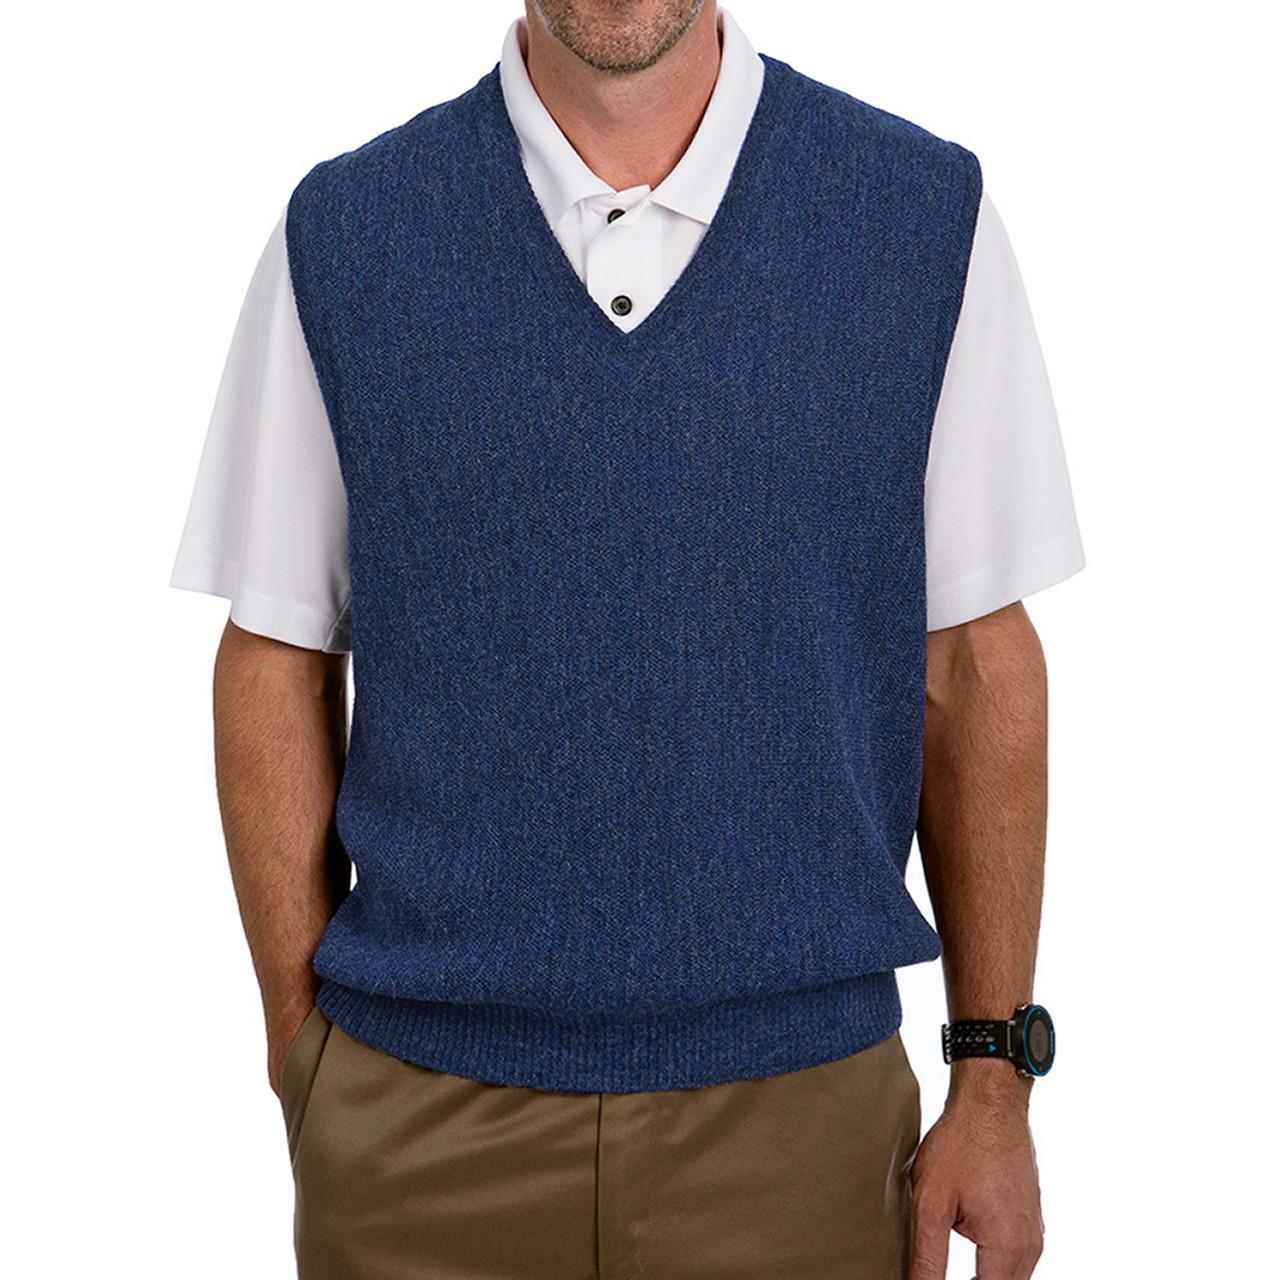 44-46 Chest Men/'s Vest Ready To Wear Blue Wool Waistcoat Men/'s Waistcoat Men/'s Blue Wool Vest